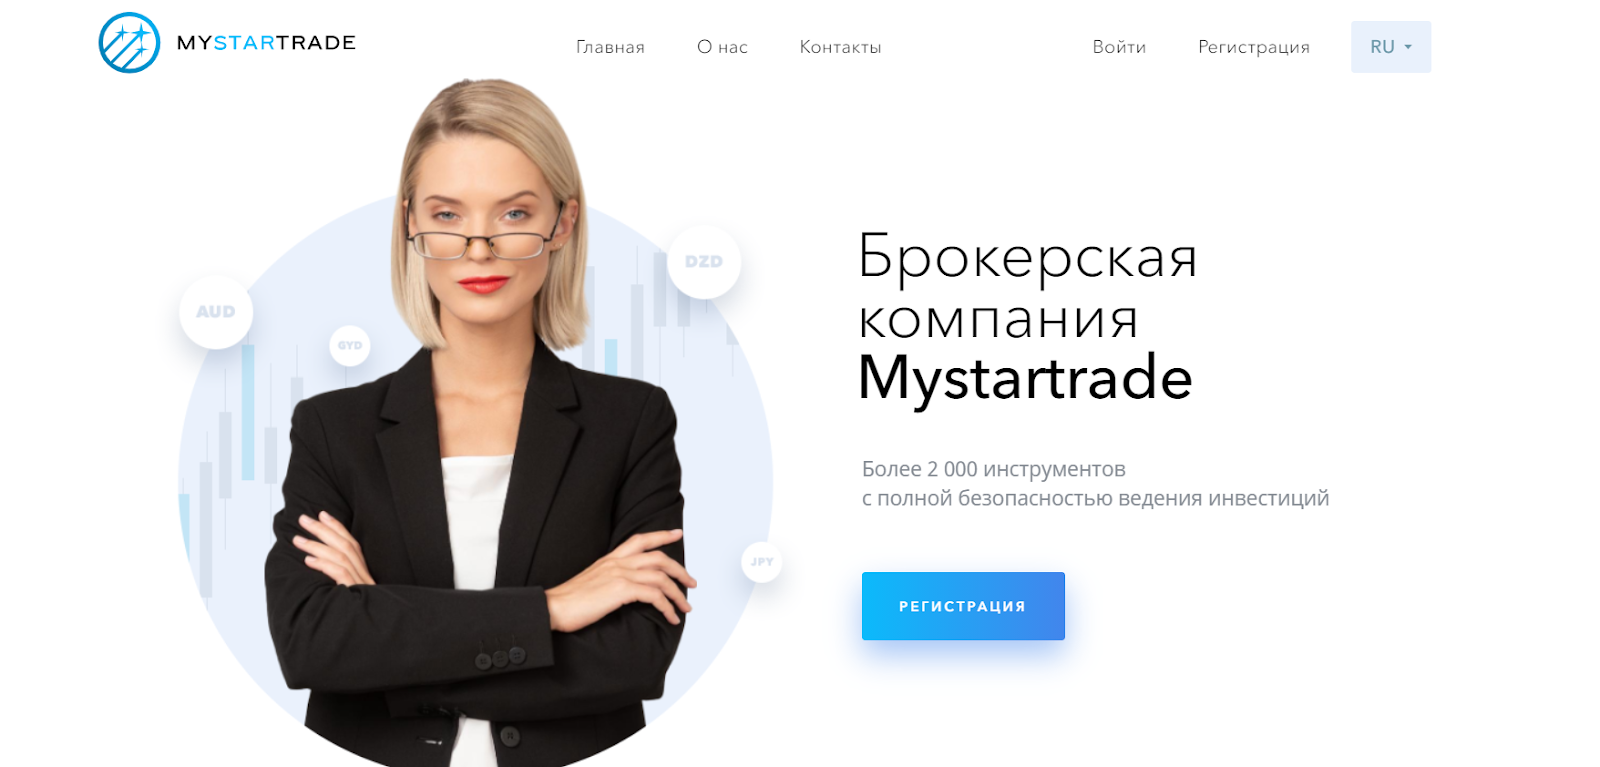 Обзор брокера Mystartrade, анализ отзывов экс-клиентов